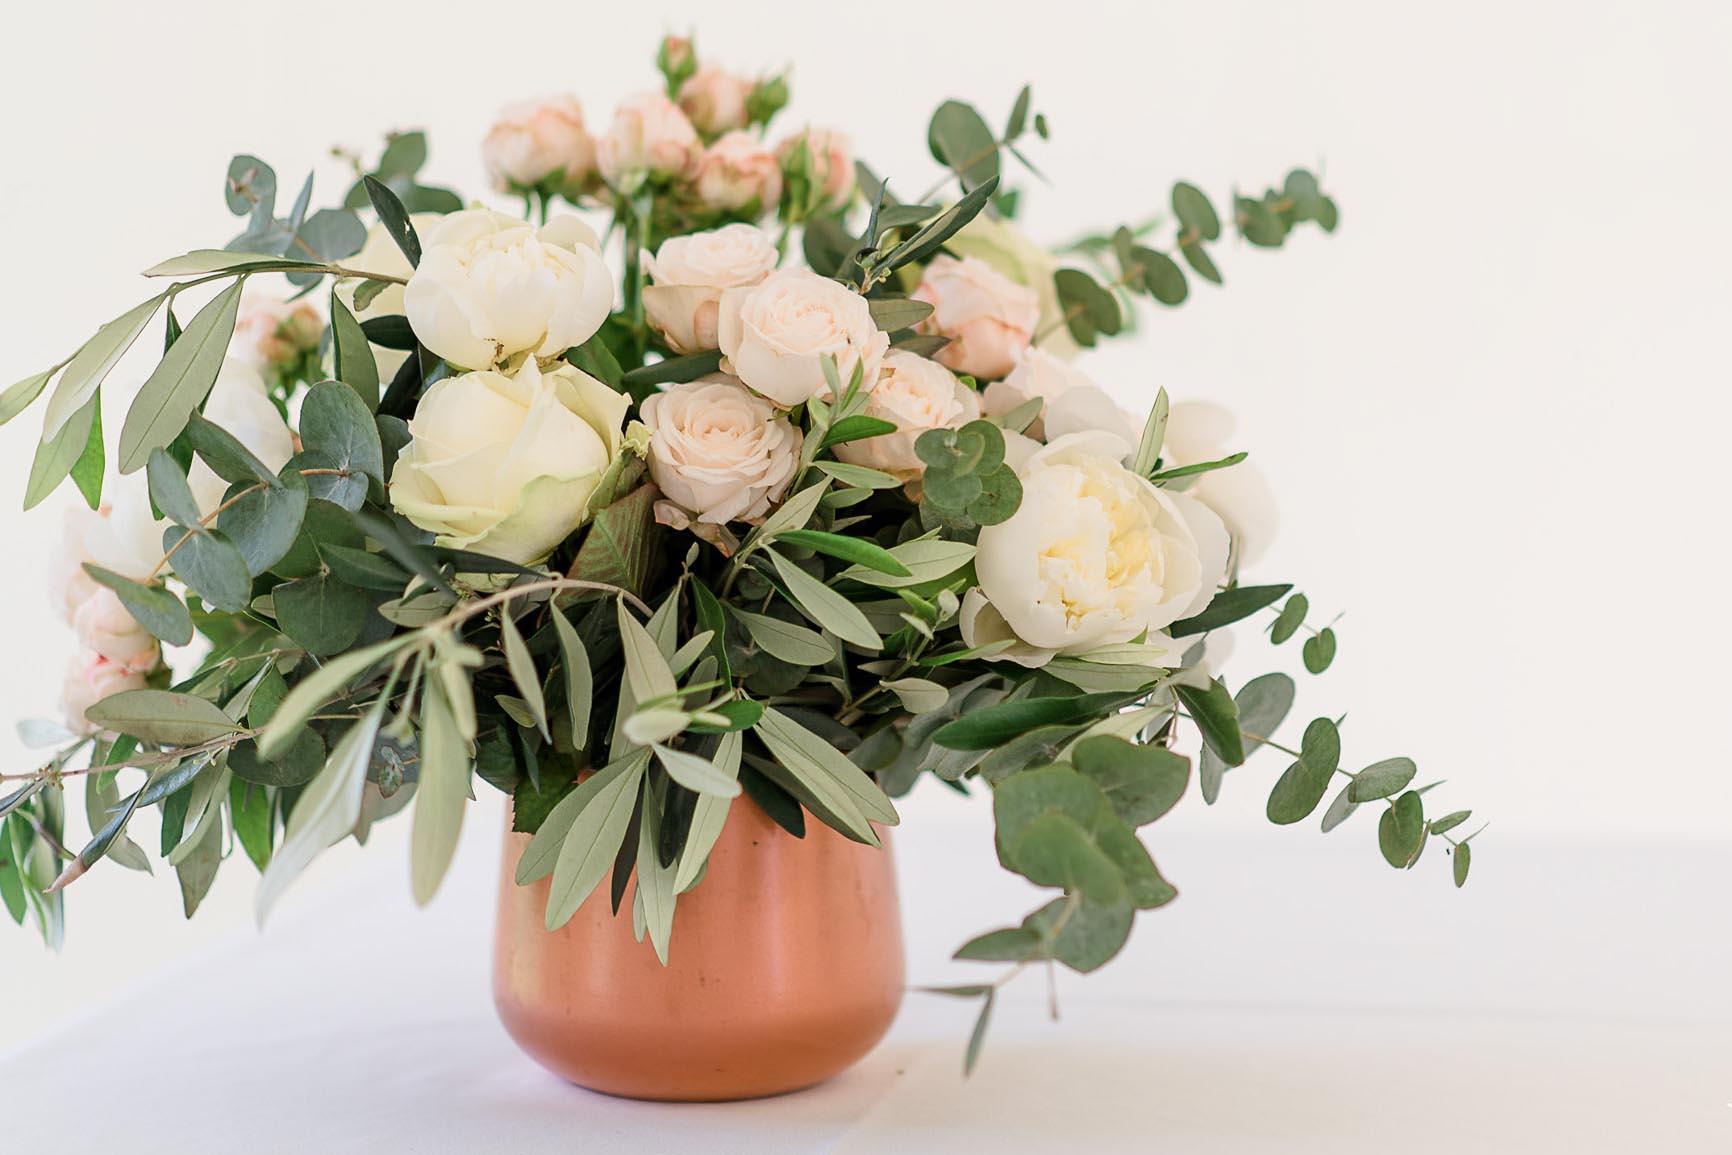 Eventfloristin Beate Lohner-Spohn | Blumen für eure Hochzeit